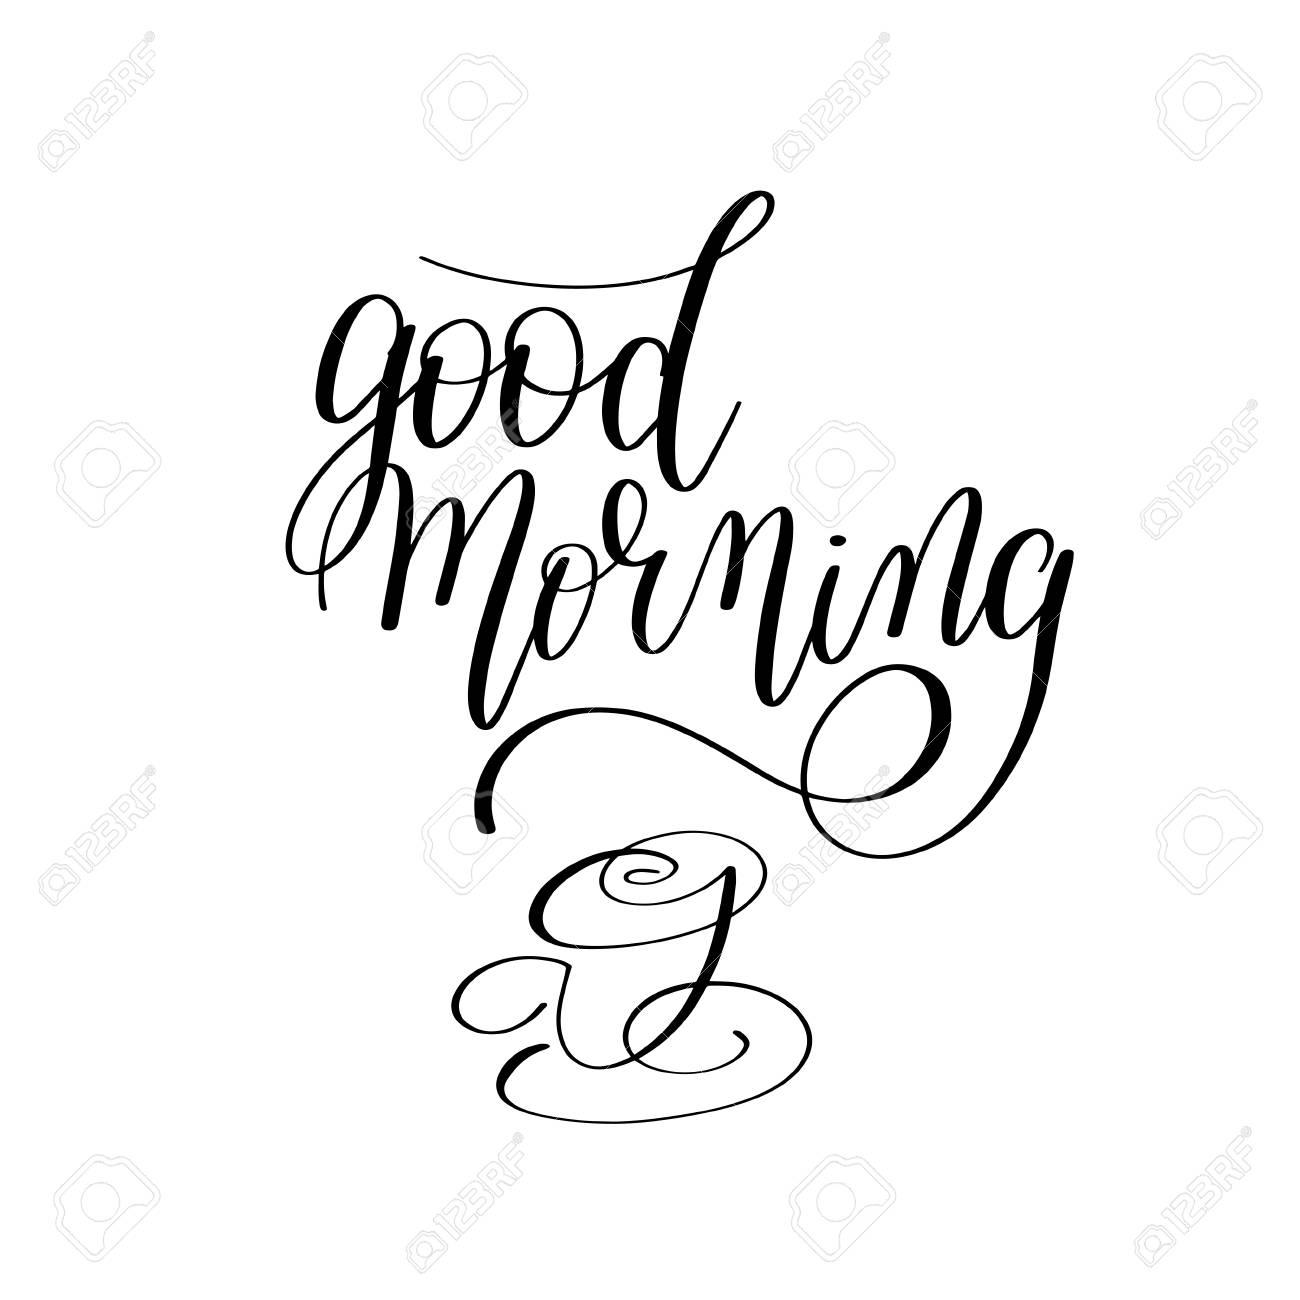 Good morning black and white hand written lettering stock vector 74297548